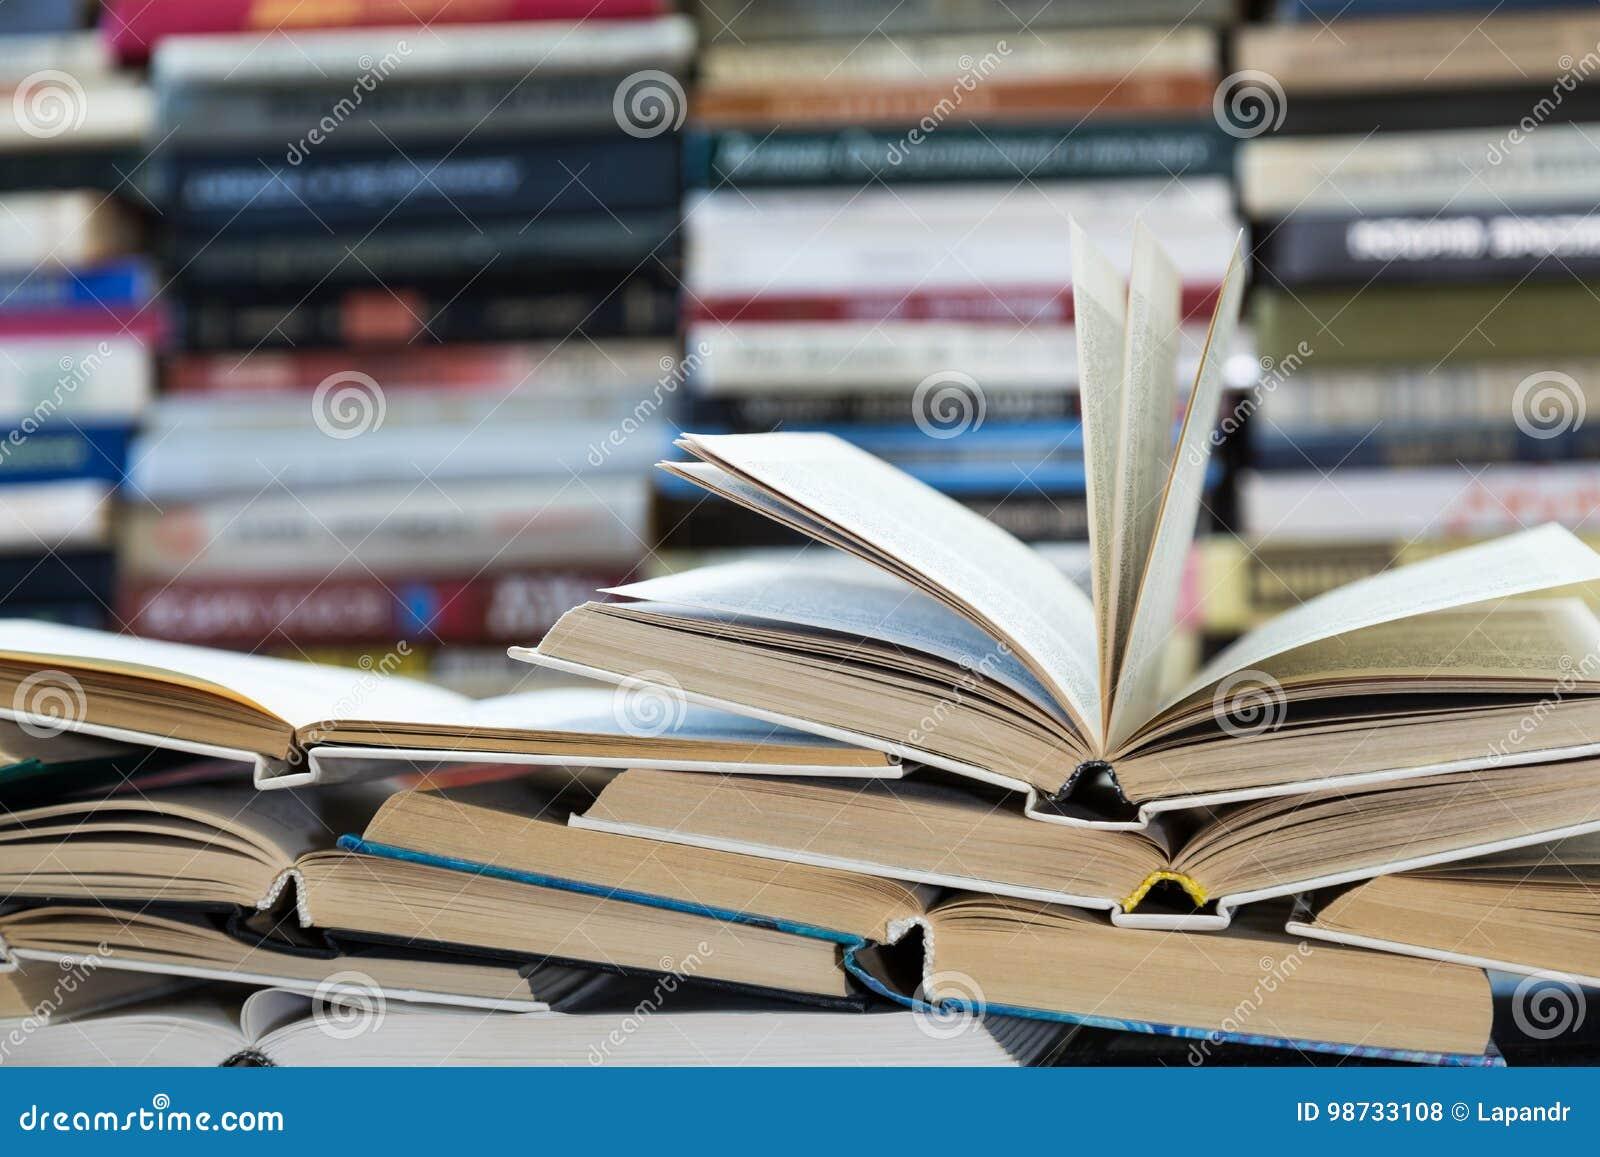 Una pila de libros con las cubiertas coloridas La biblioteca o la librería Libros o libros de texto Educación y lectura